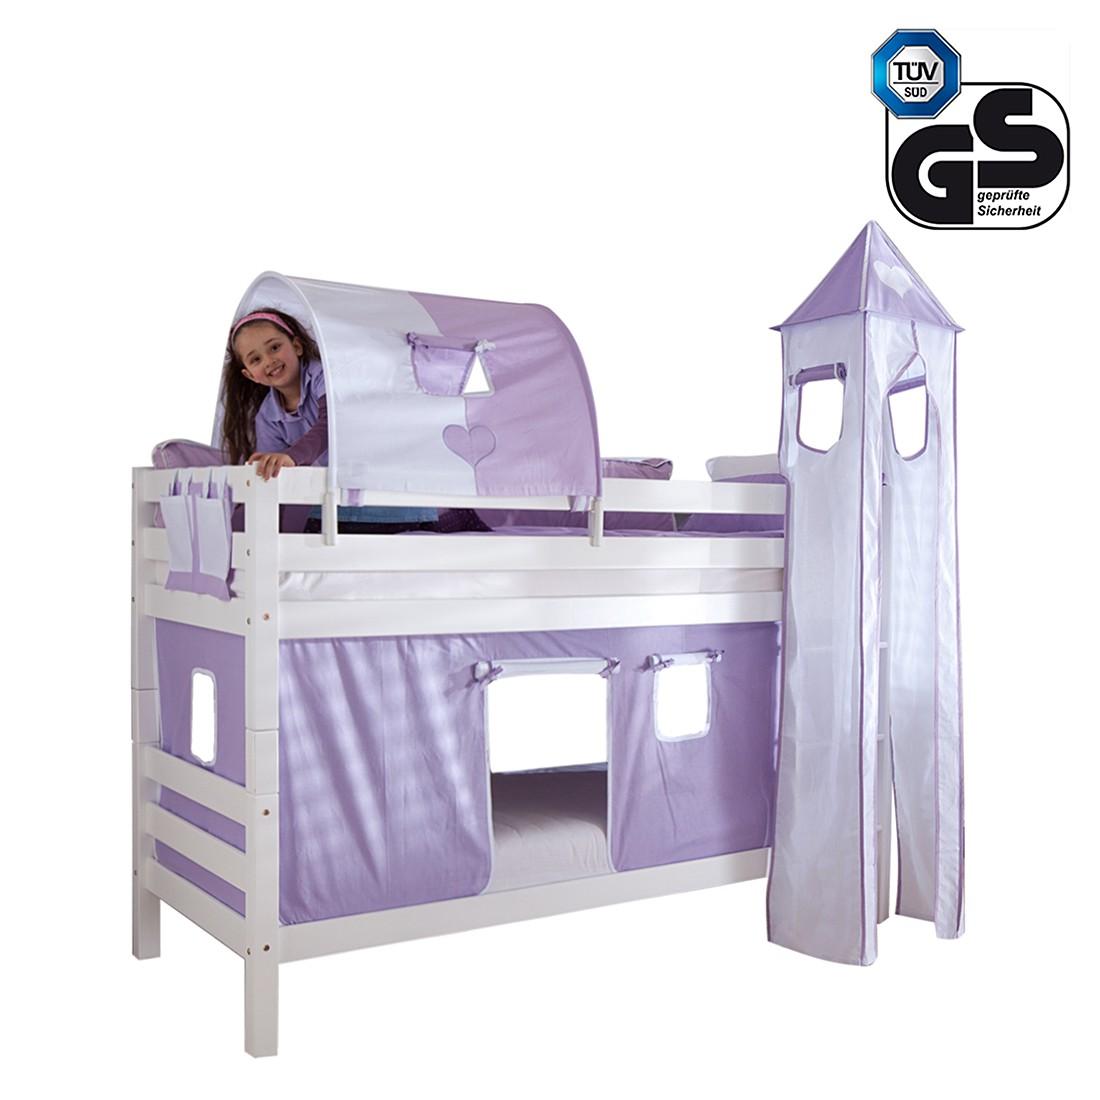 Etagenbett Beni - Buche massiv/Weiß mit Textilset Purple/Weiß/Herz, Relita